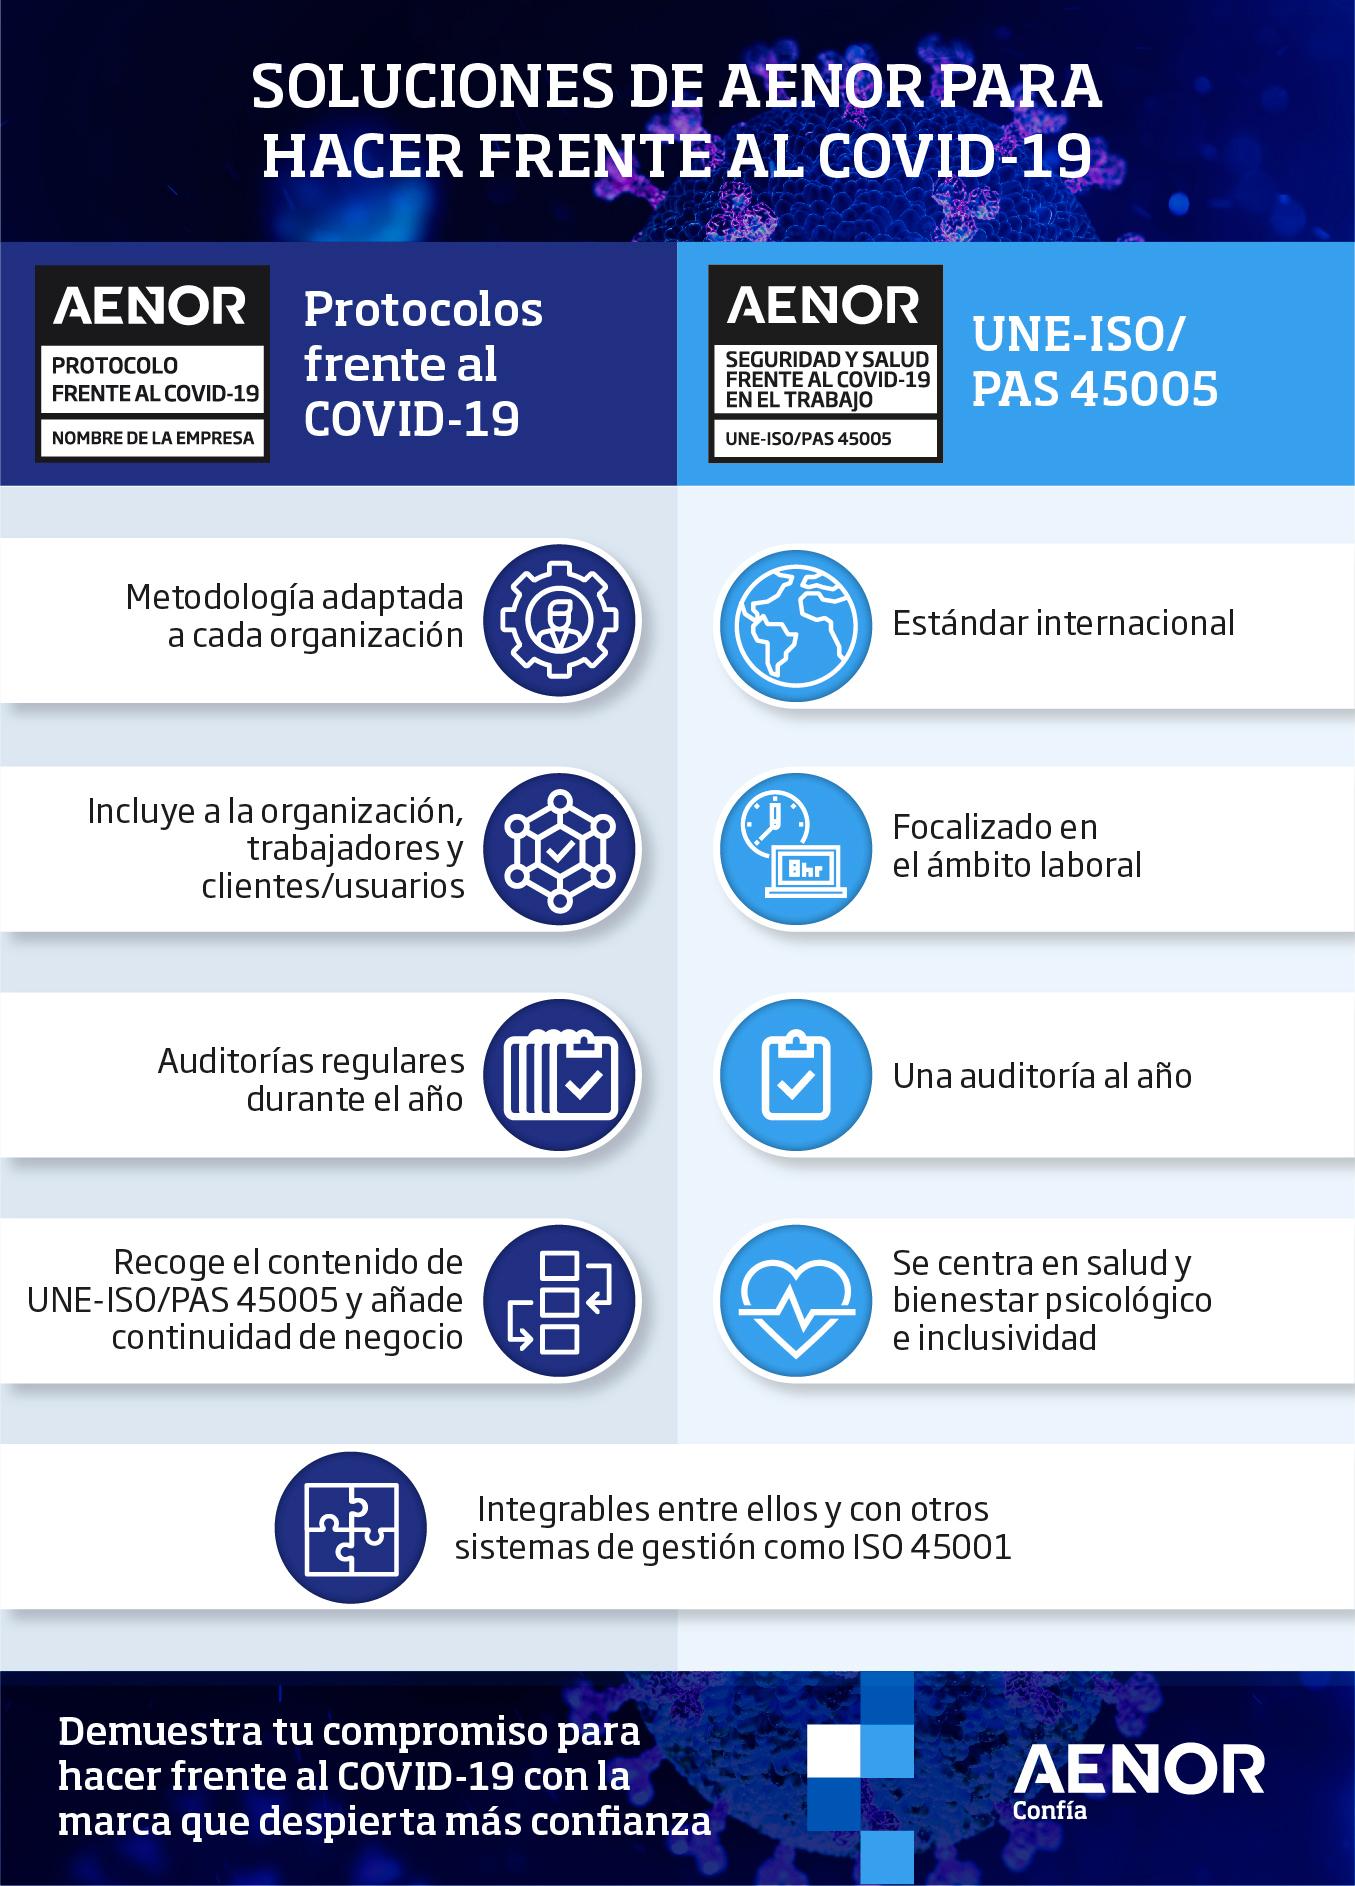 Infografia_soluciones_AENOR_frente_COVID